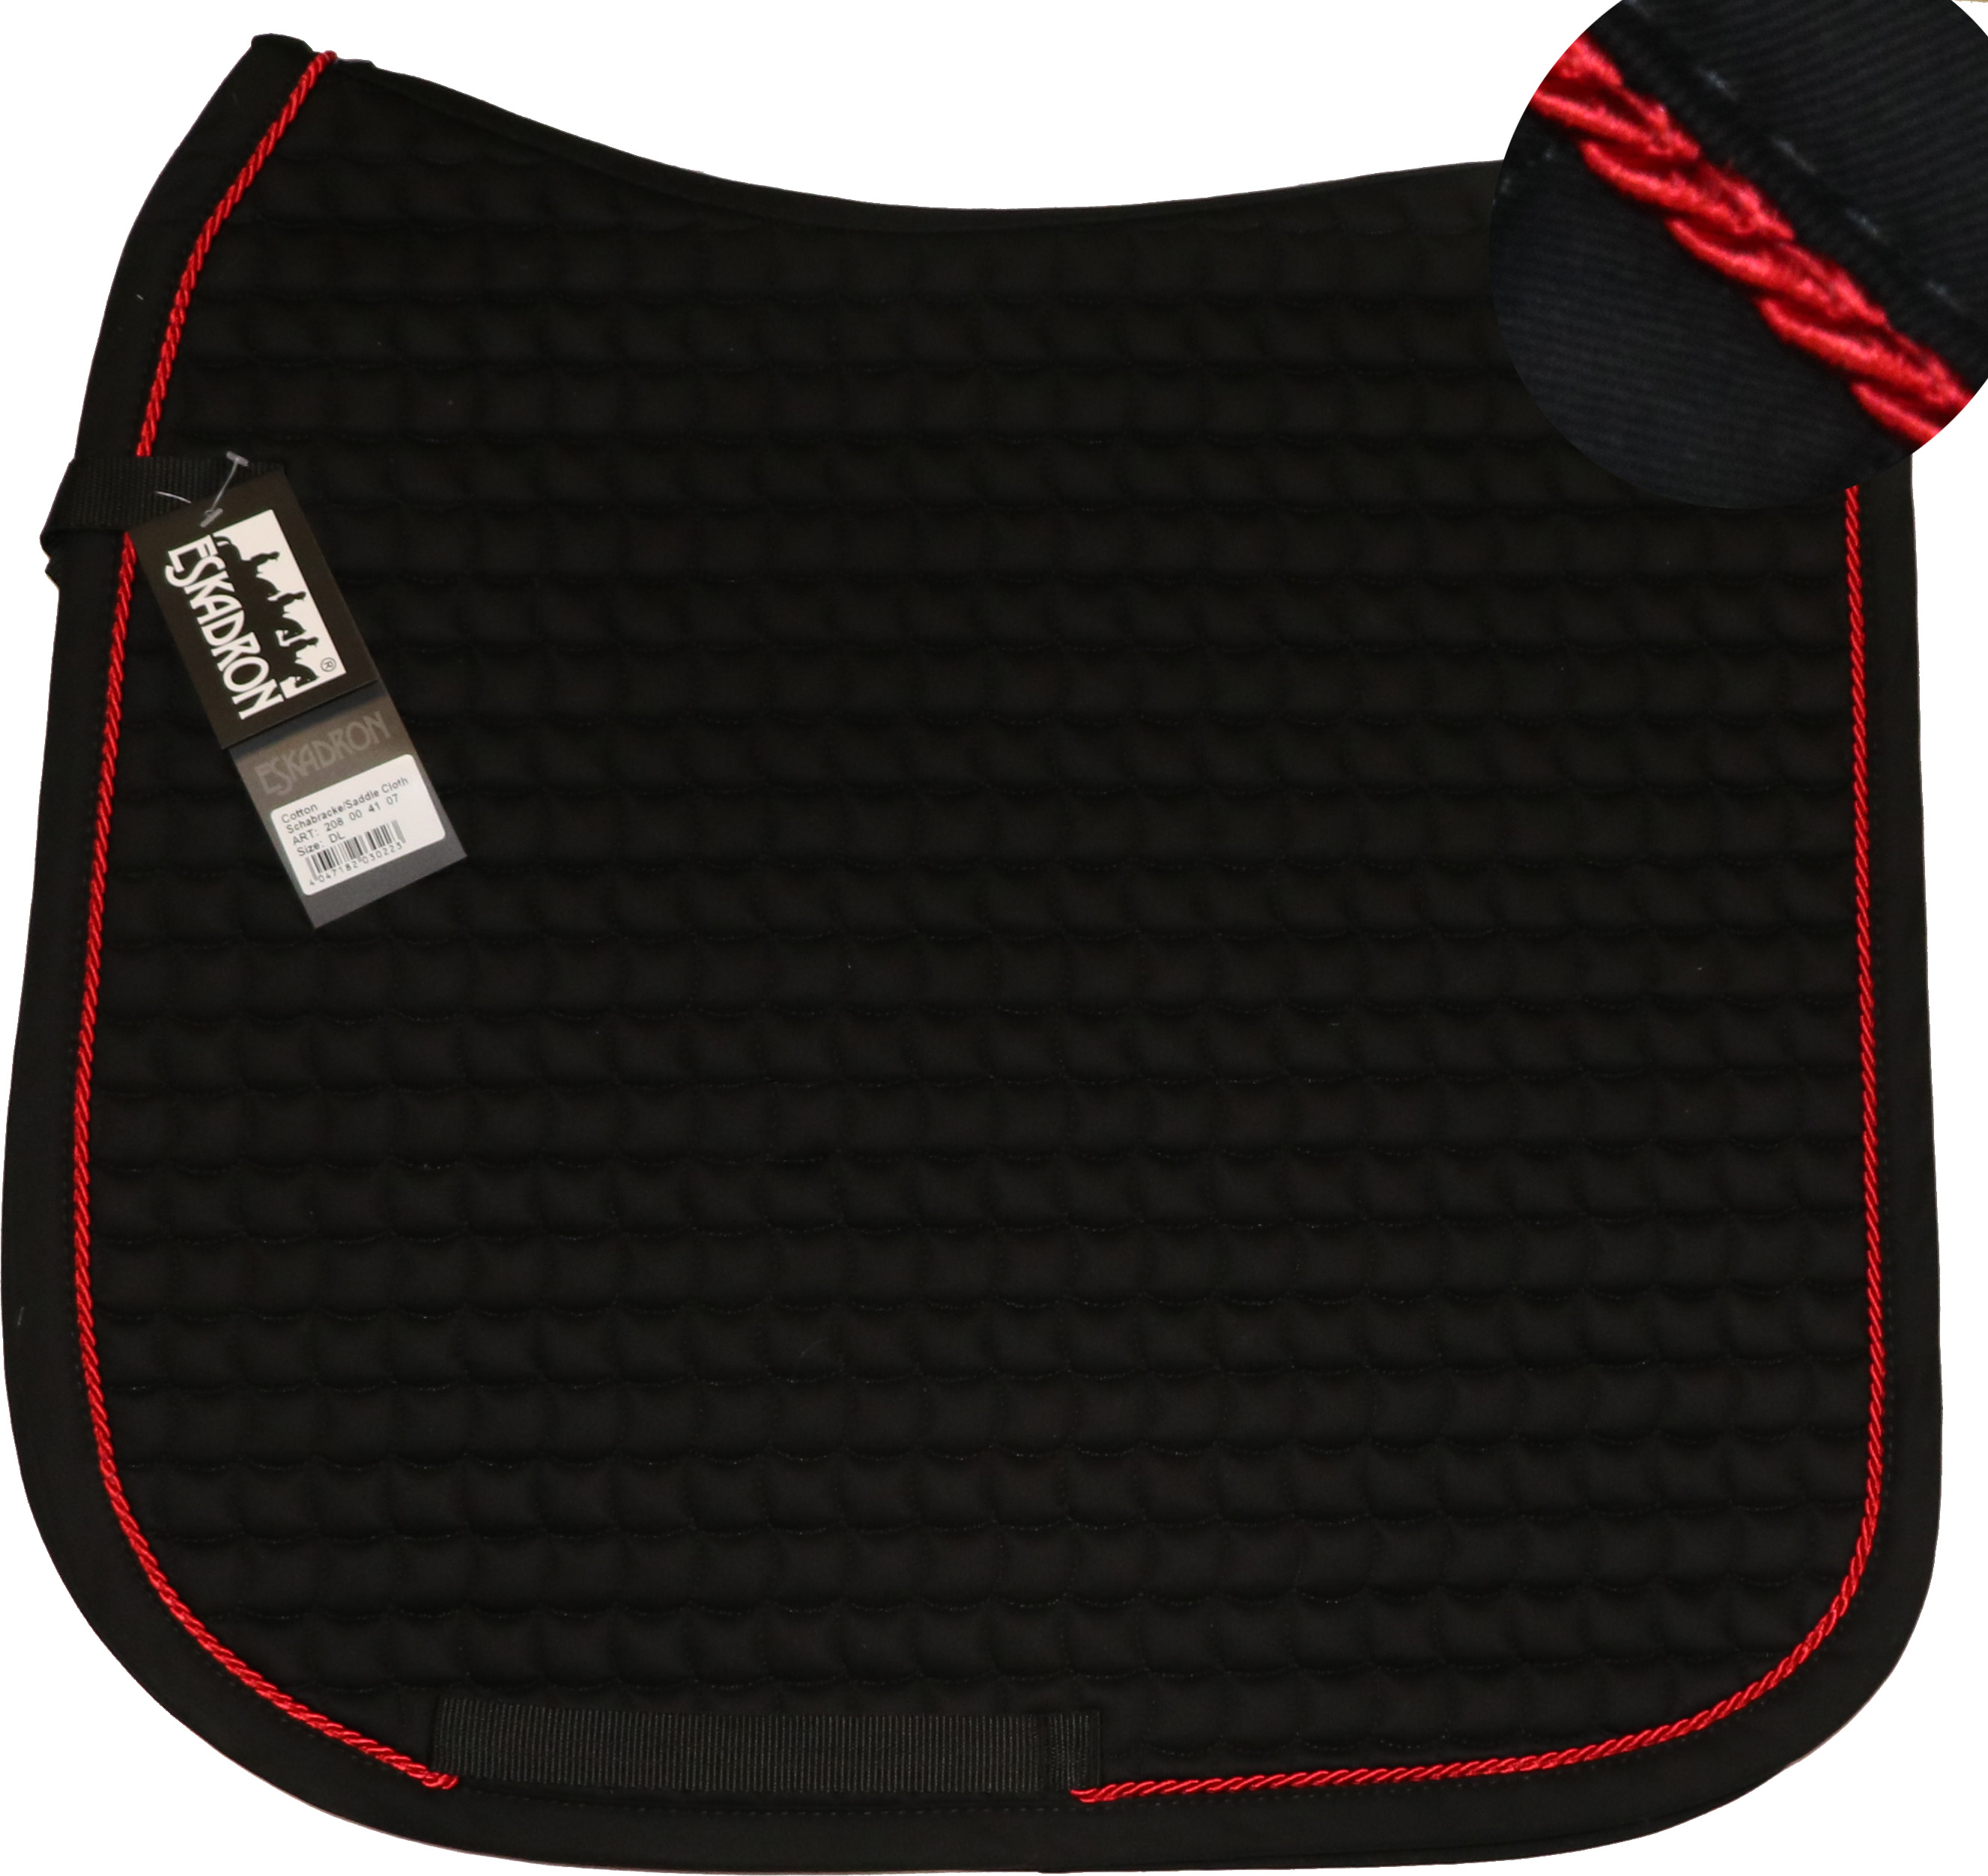 ESKADRON Cotton Schabracke black, einer Kordel in chilli red